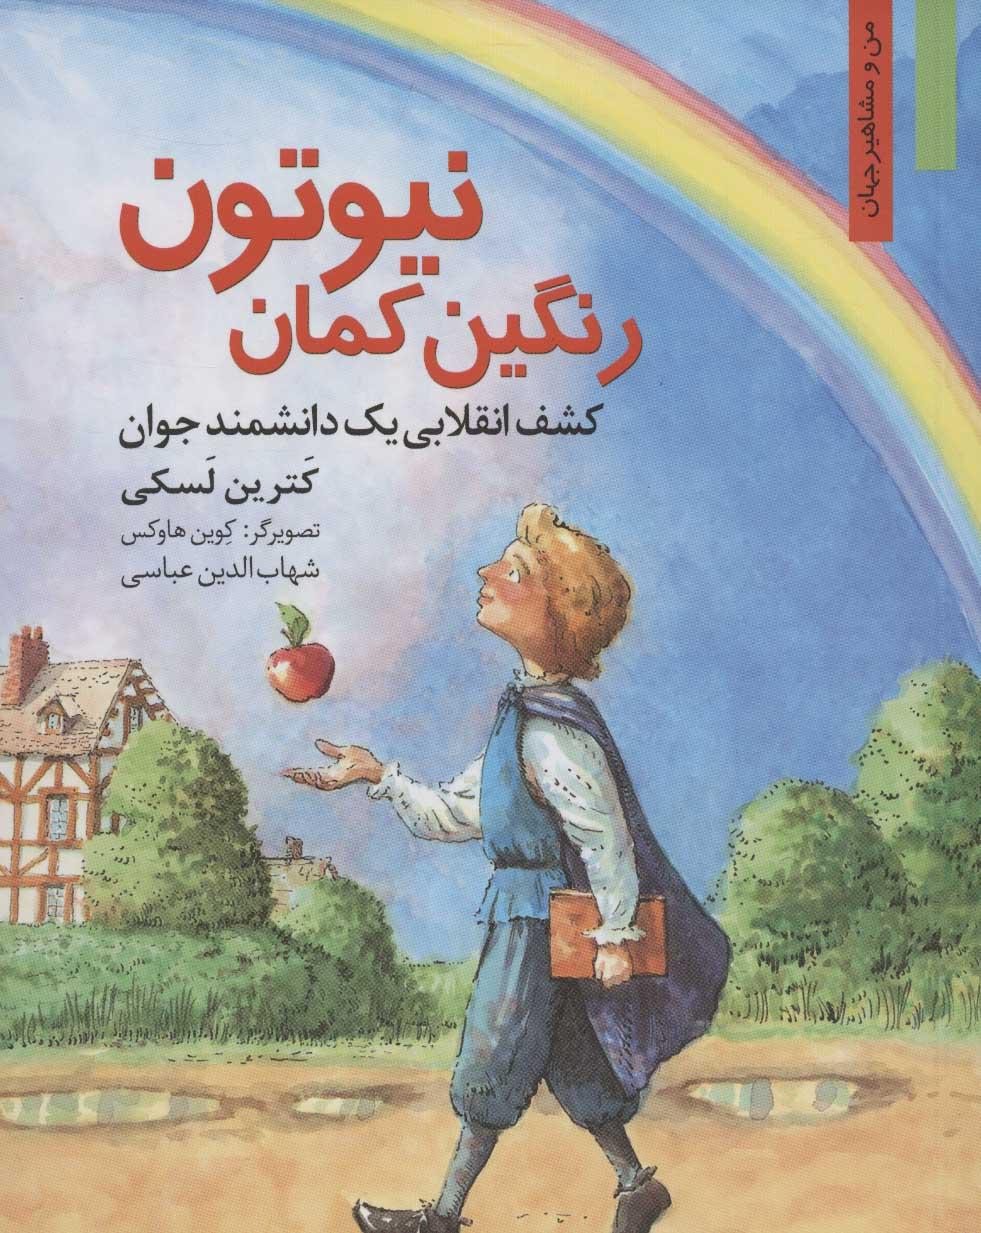 رنگین کمان نیوتون:کشف انقلابی یک دانشمند جوان (من و مشاهیر جهان14)